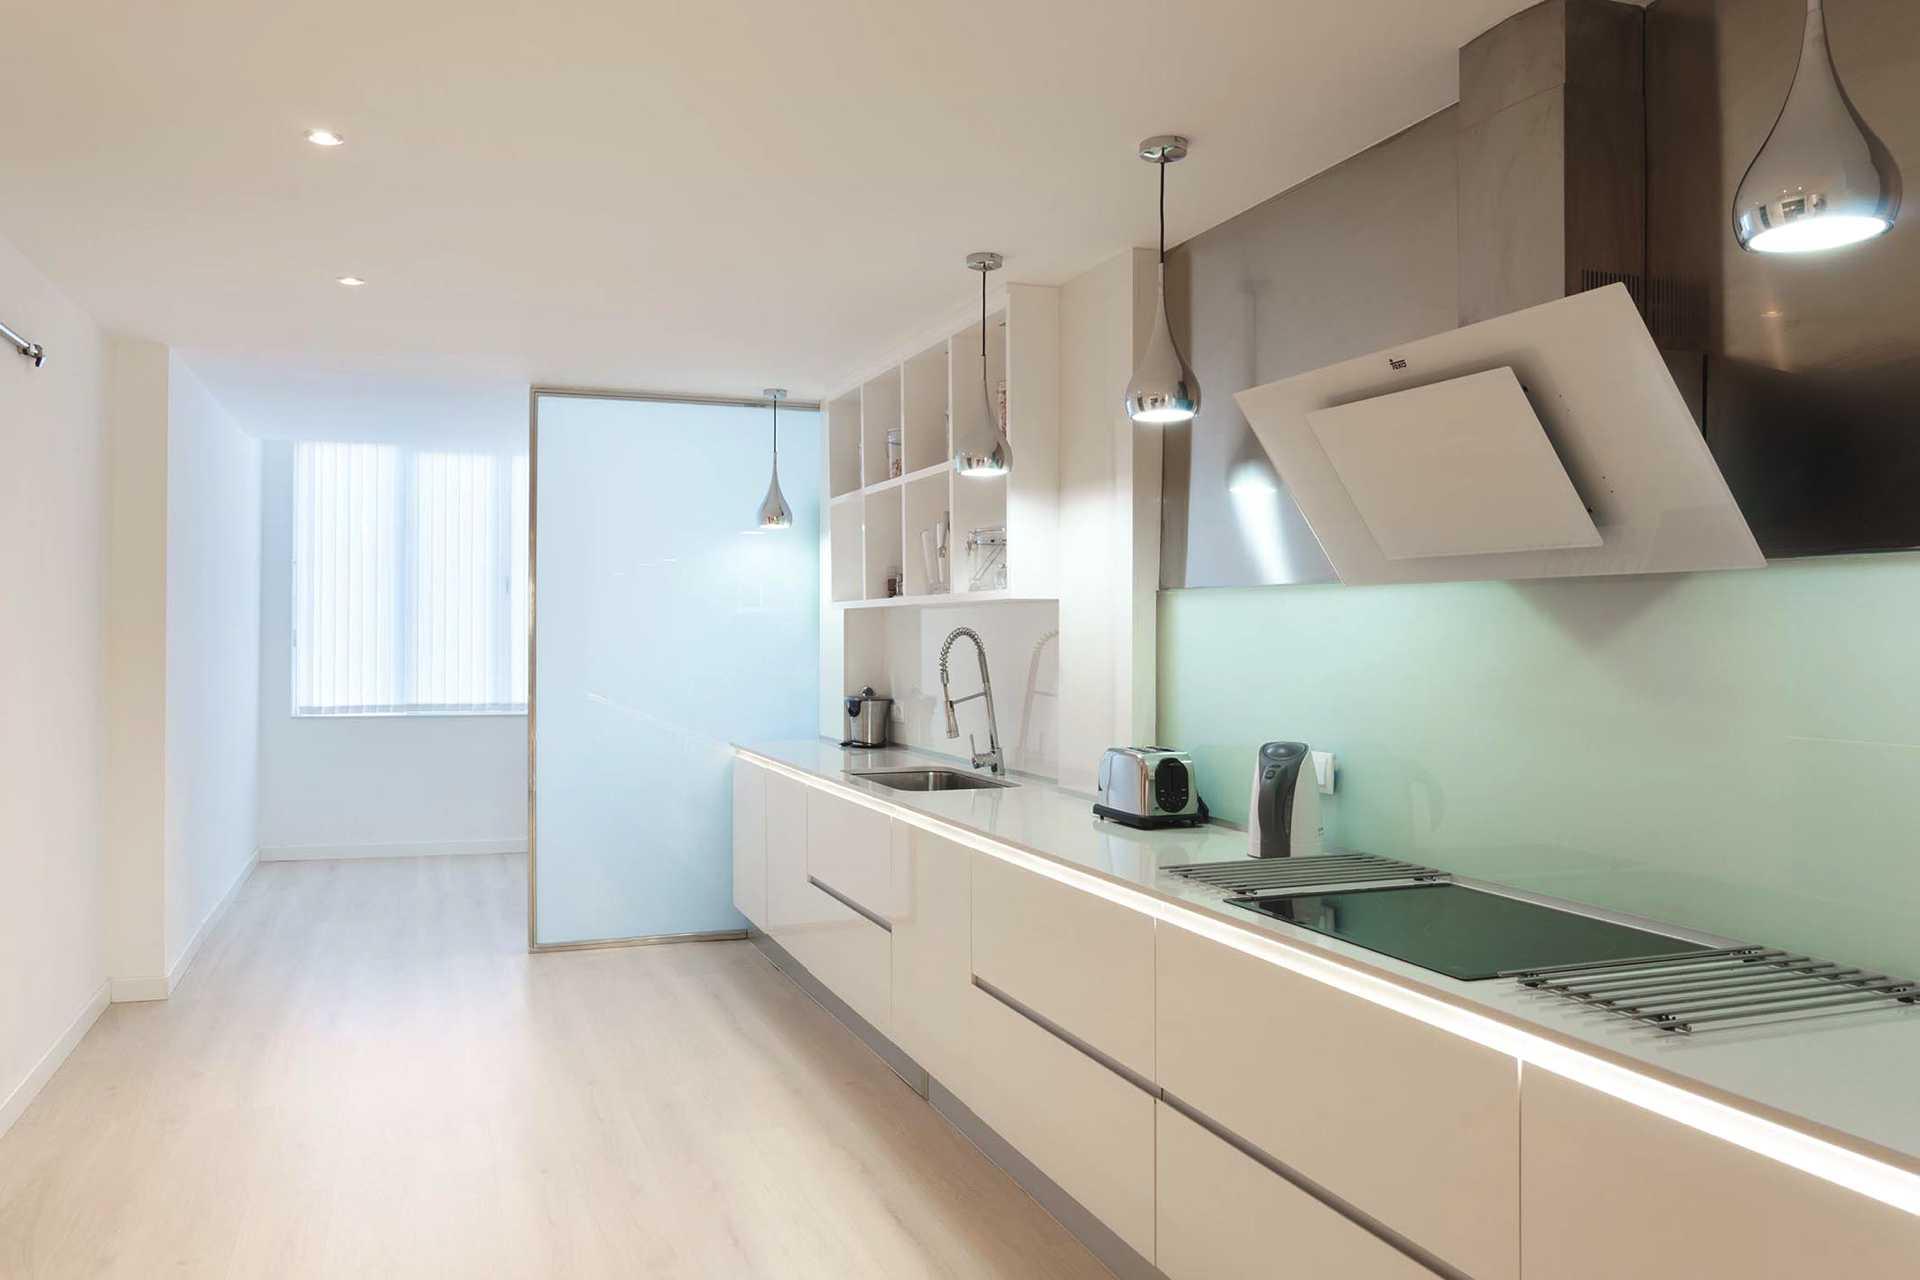 01-291 exclusive apartment Mallorca north Bild 15